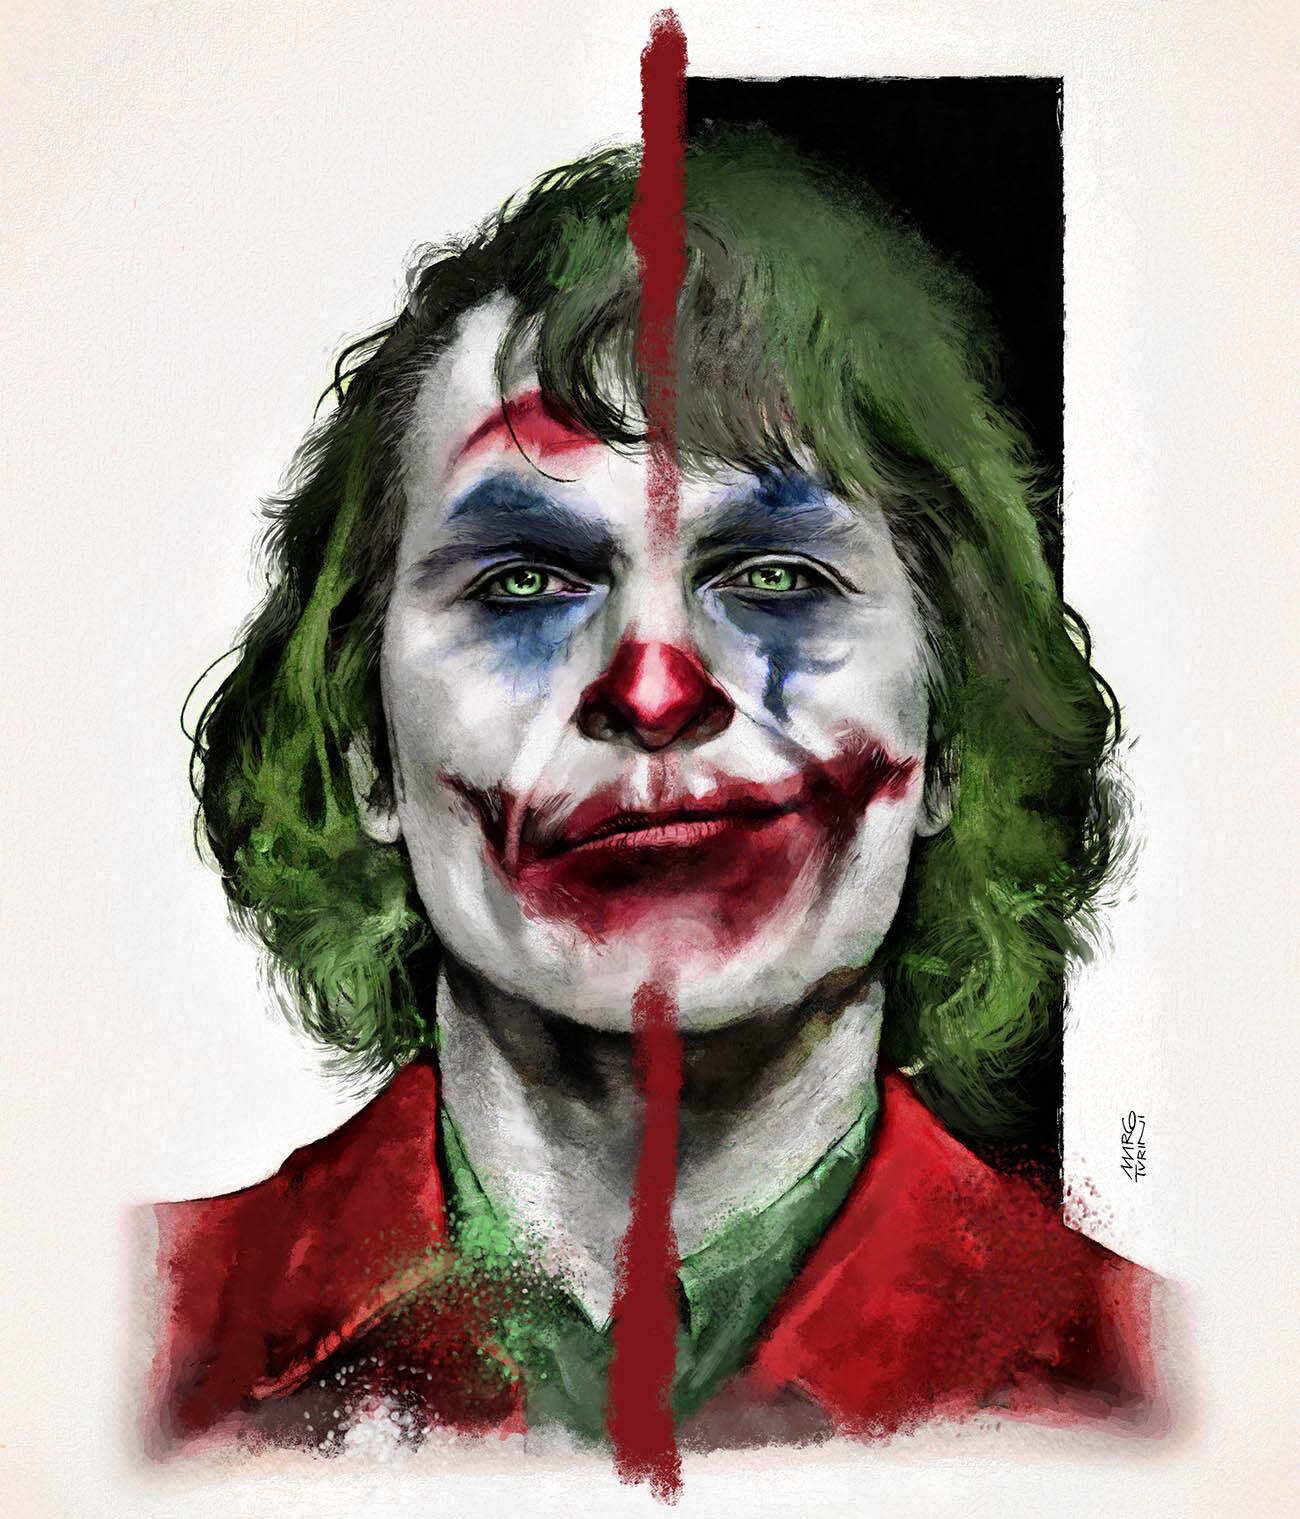 Jocker by Joaquin Phoenix